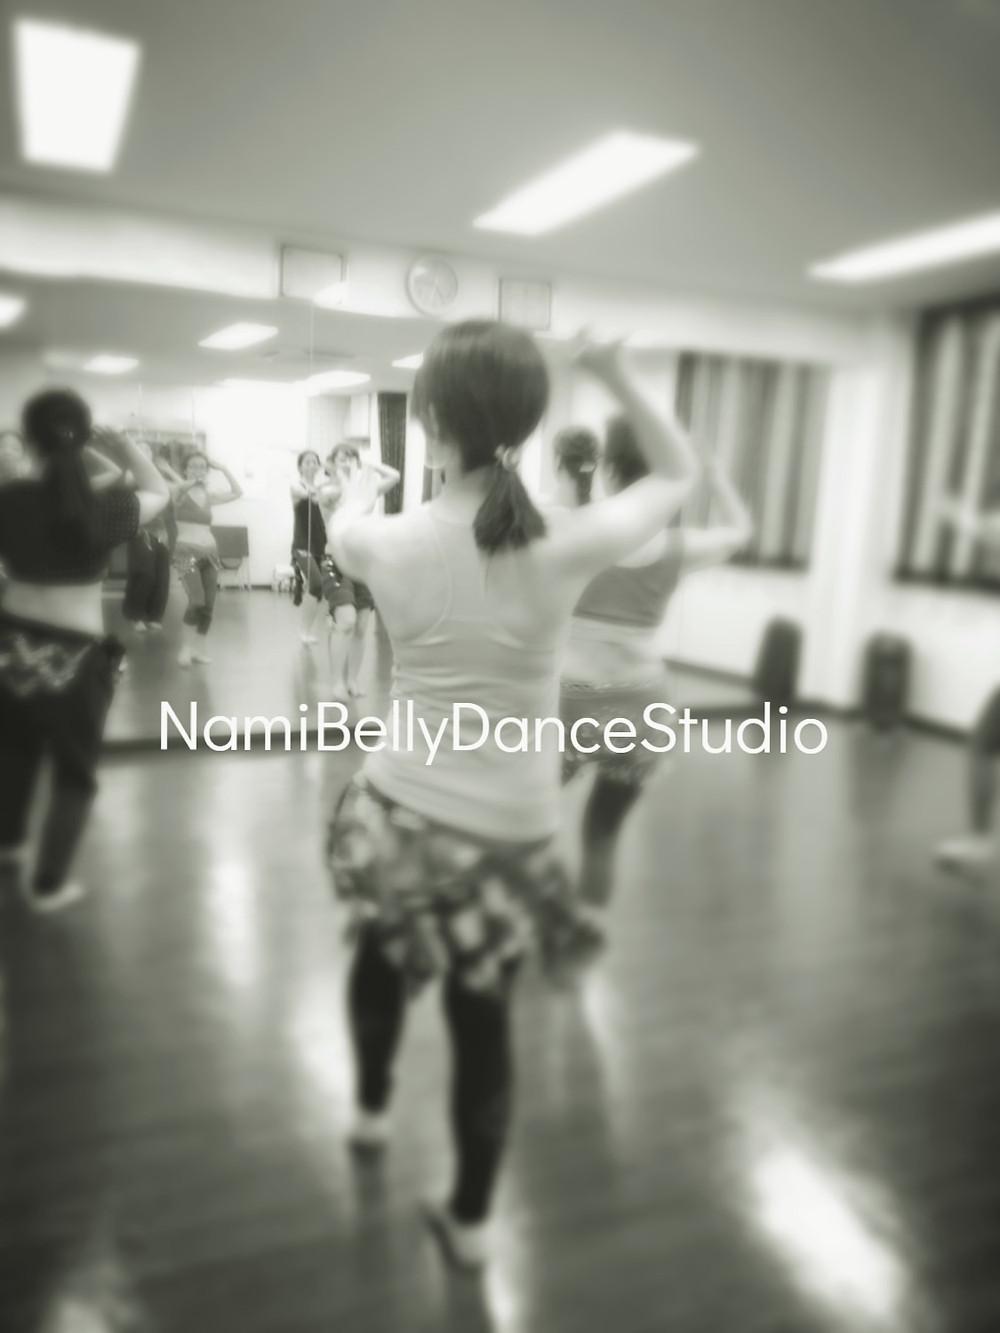 熊本市,ナミベリーダンススタジオ